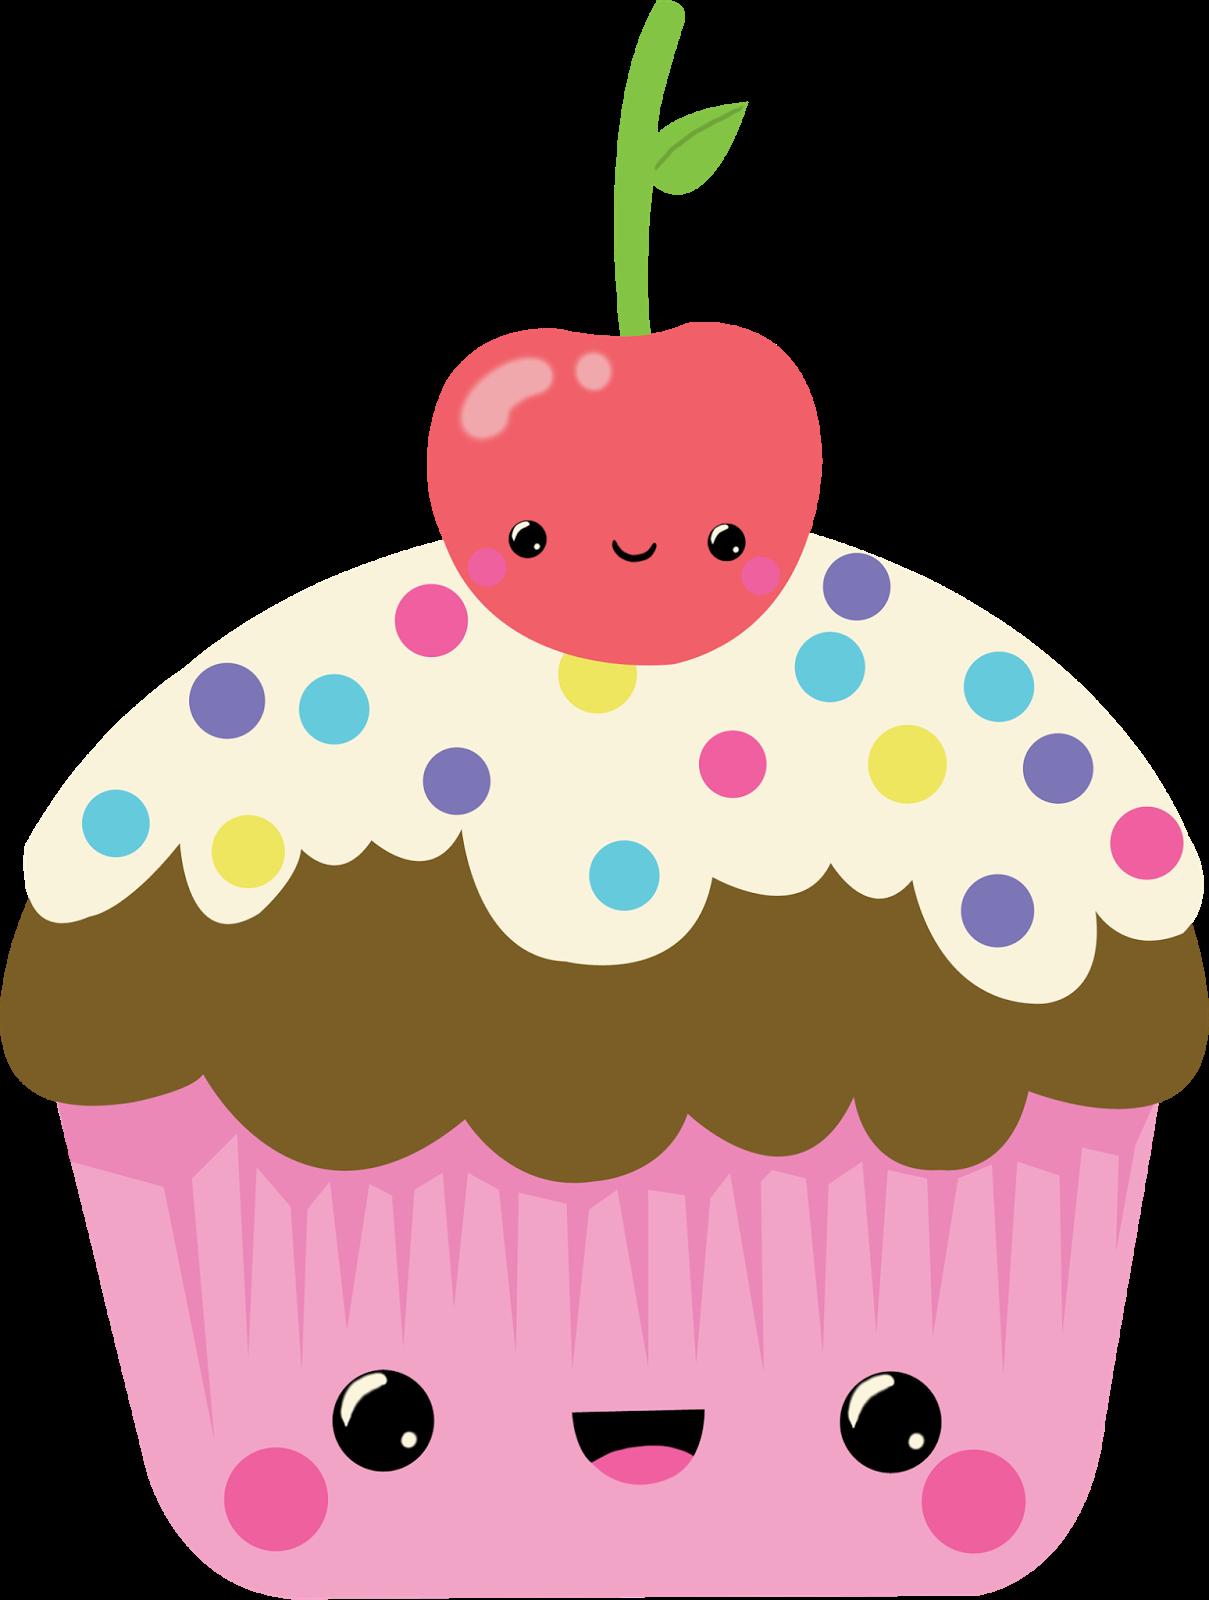 Resultado de imagen para. Muffin clipart cupcake hello kitty